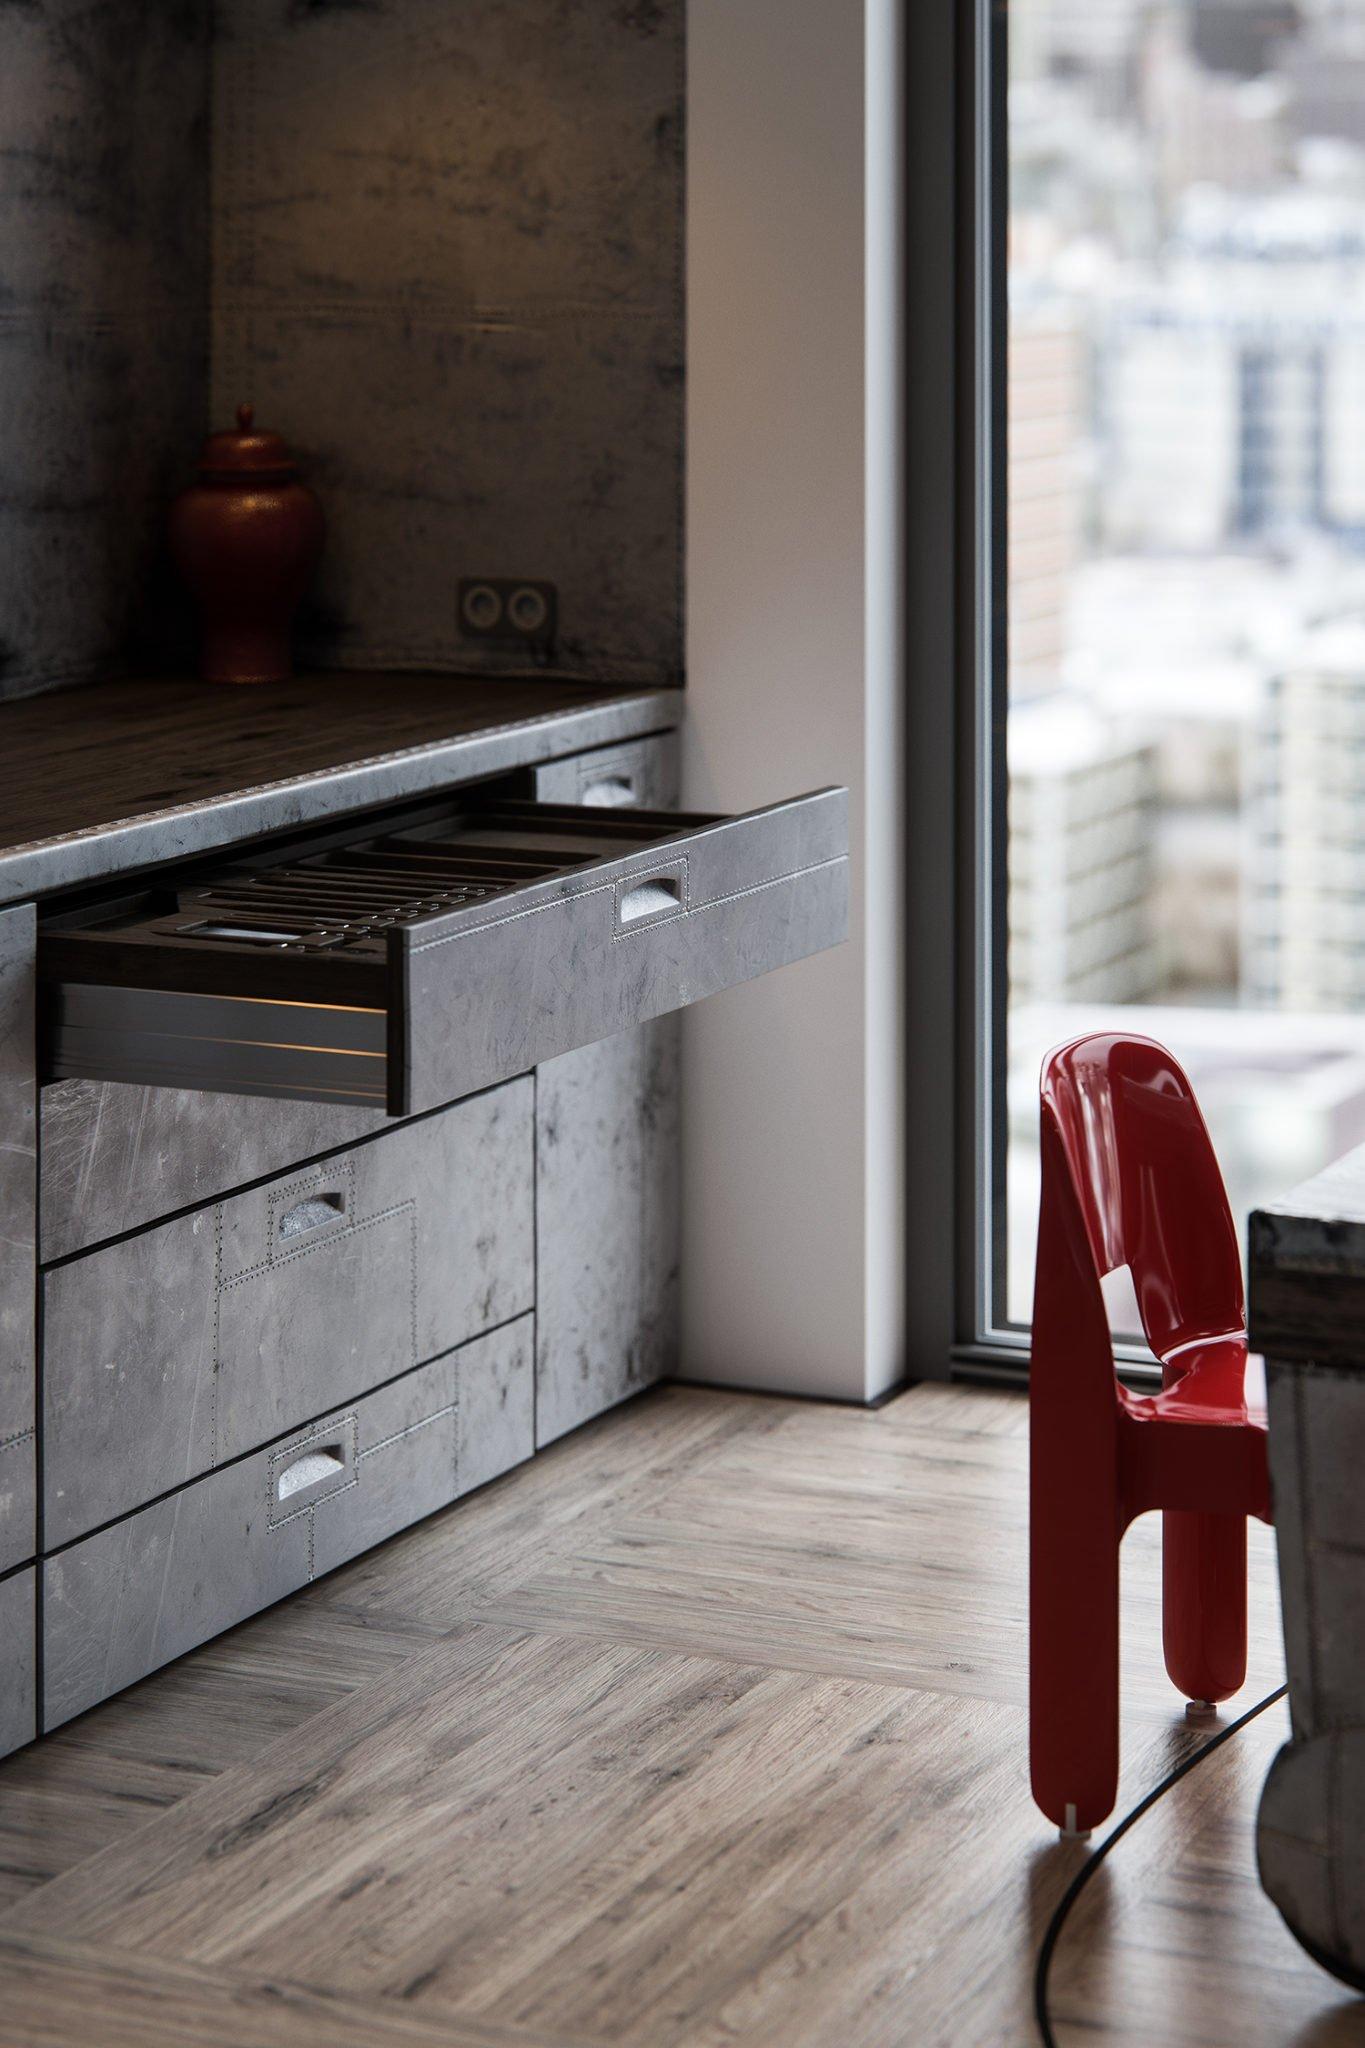 007_DISIG_Kitchen_Drawer_WEB